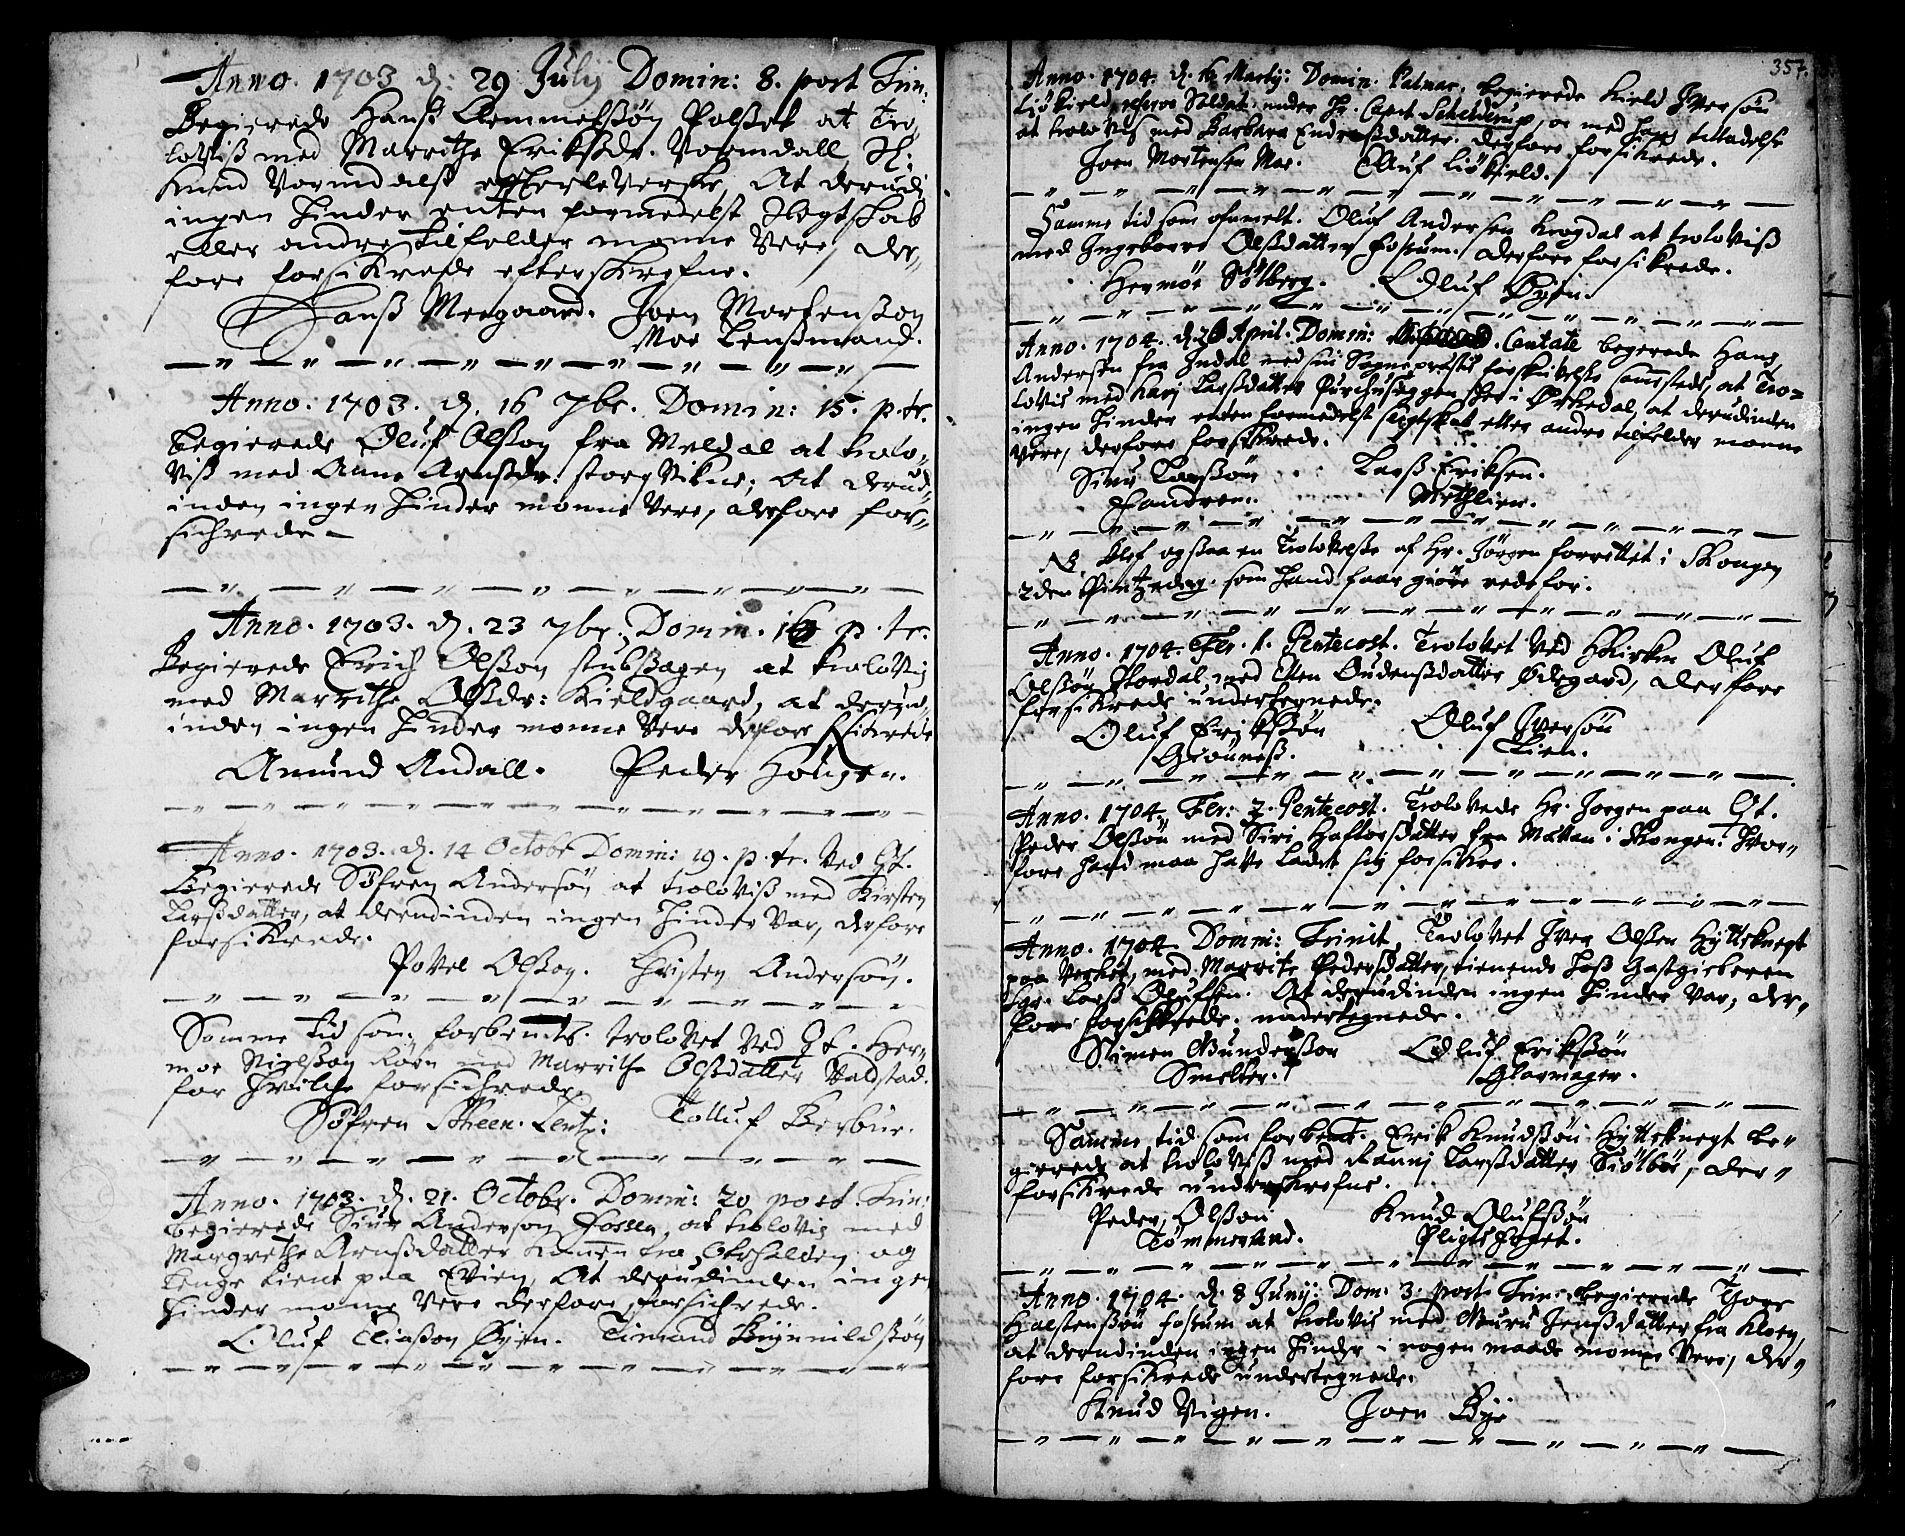 SAT, Ministerialprotokoller, klokkerbøker og fødselsregistre - Sør-Trøndelag, 668/L0801: Ministerialbok nr. 668A01, 1695-1716, s. 356-357